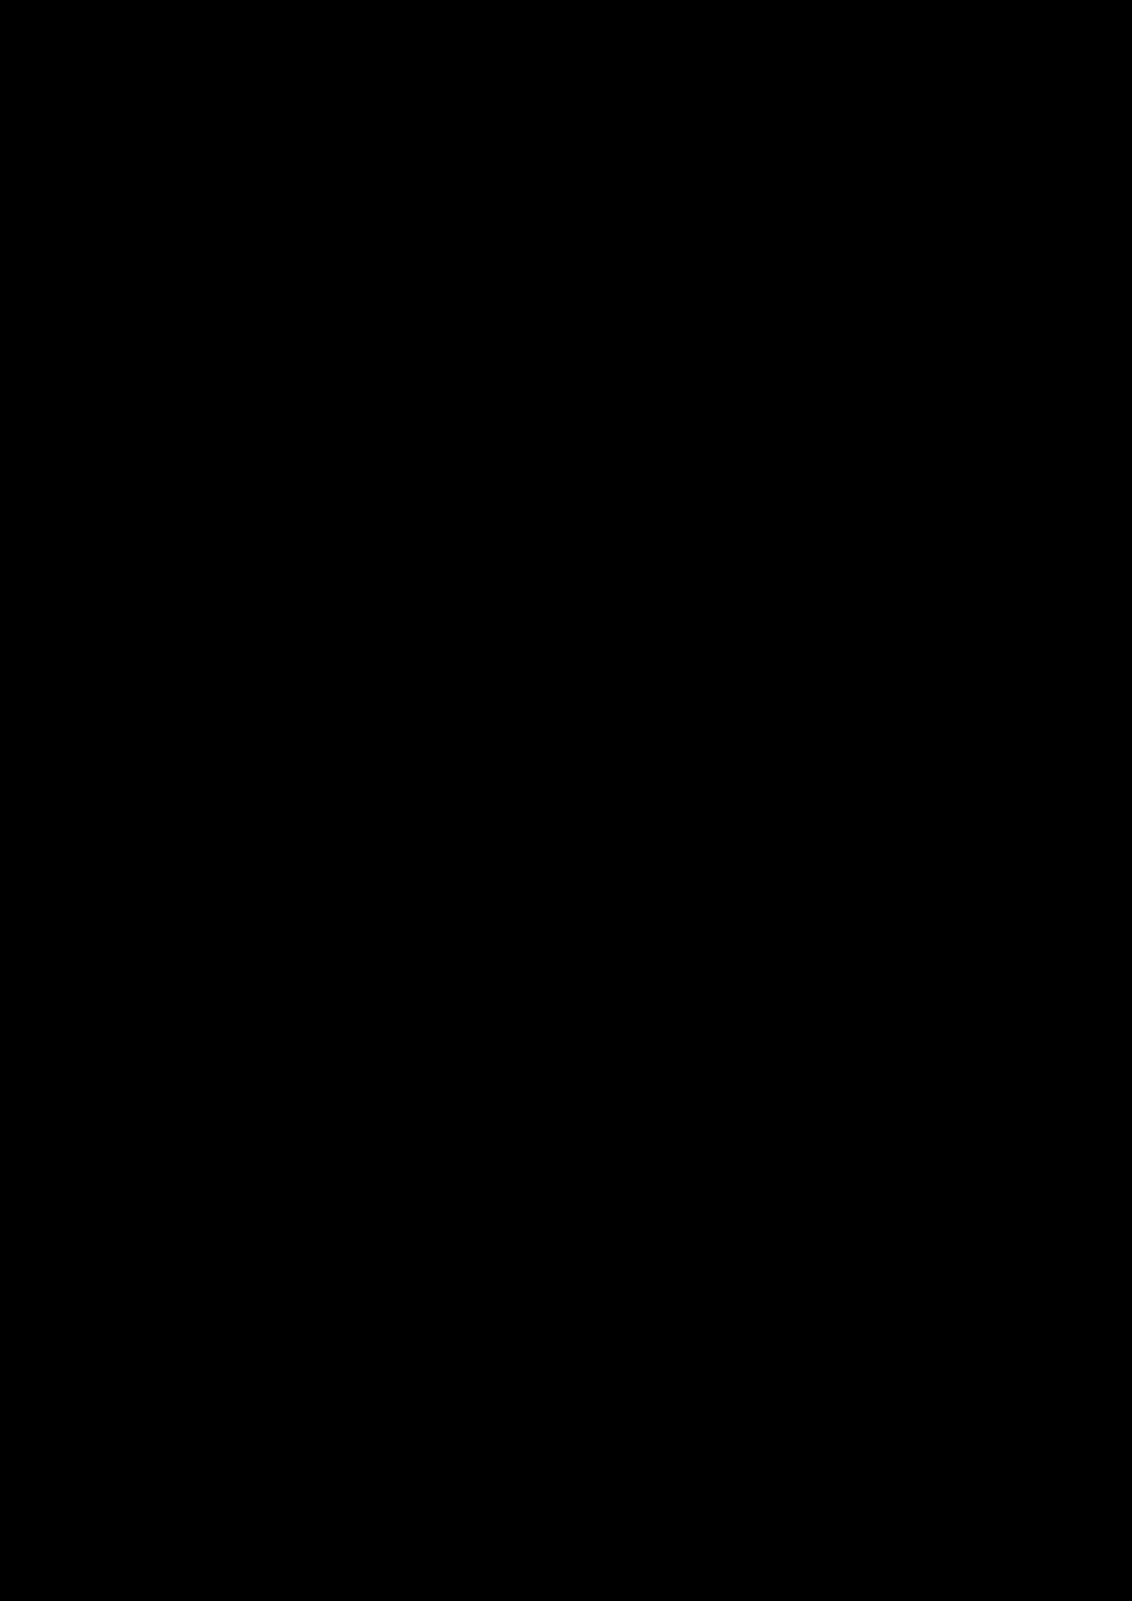 Zagadka volshebnoy stranyi slide, Image 99